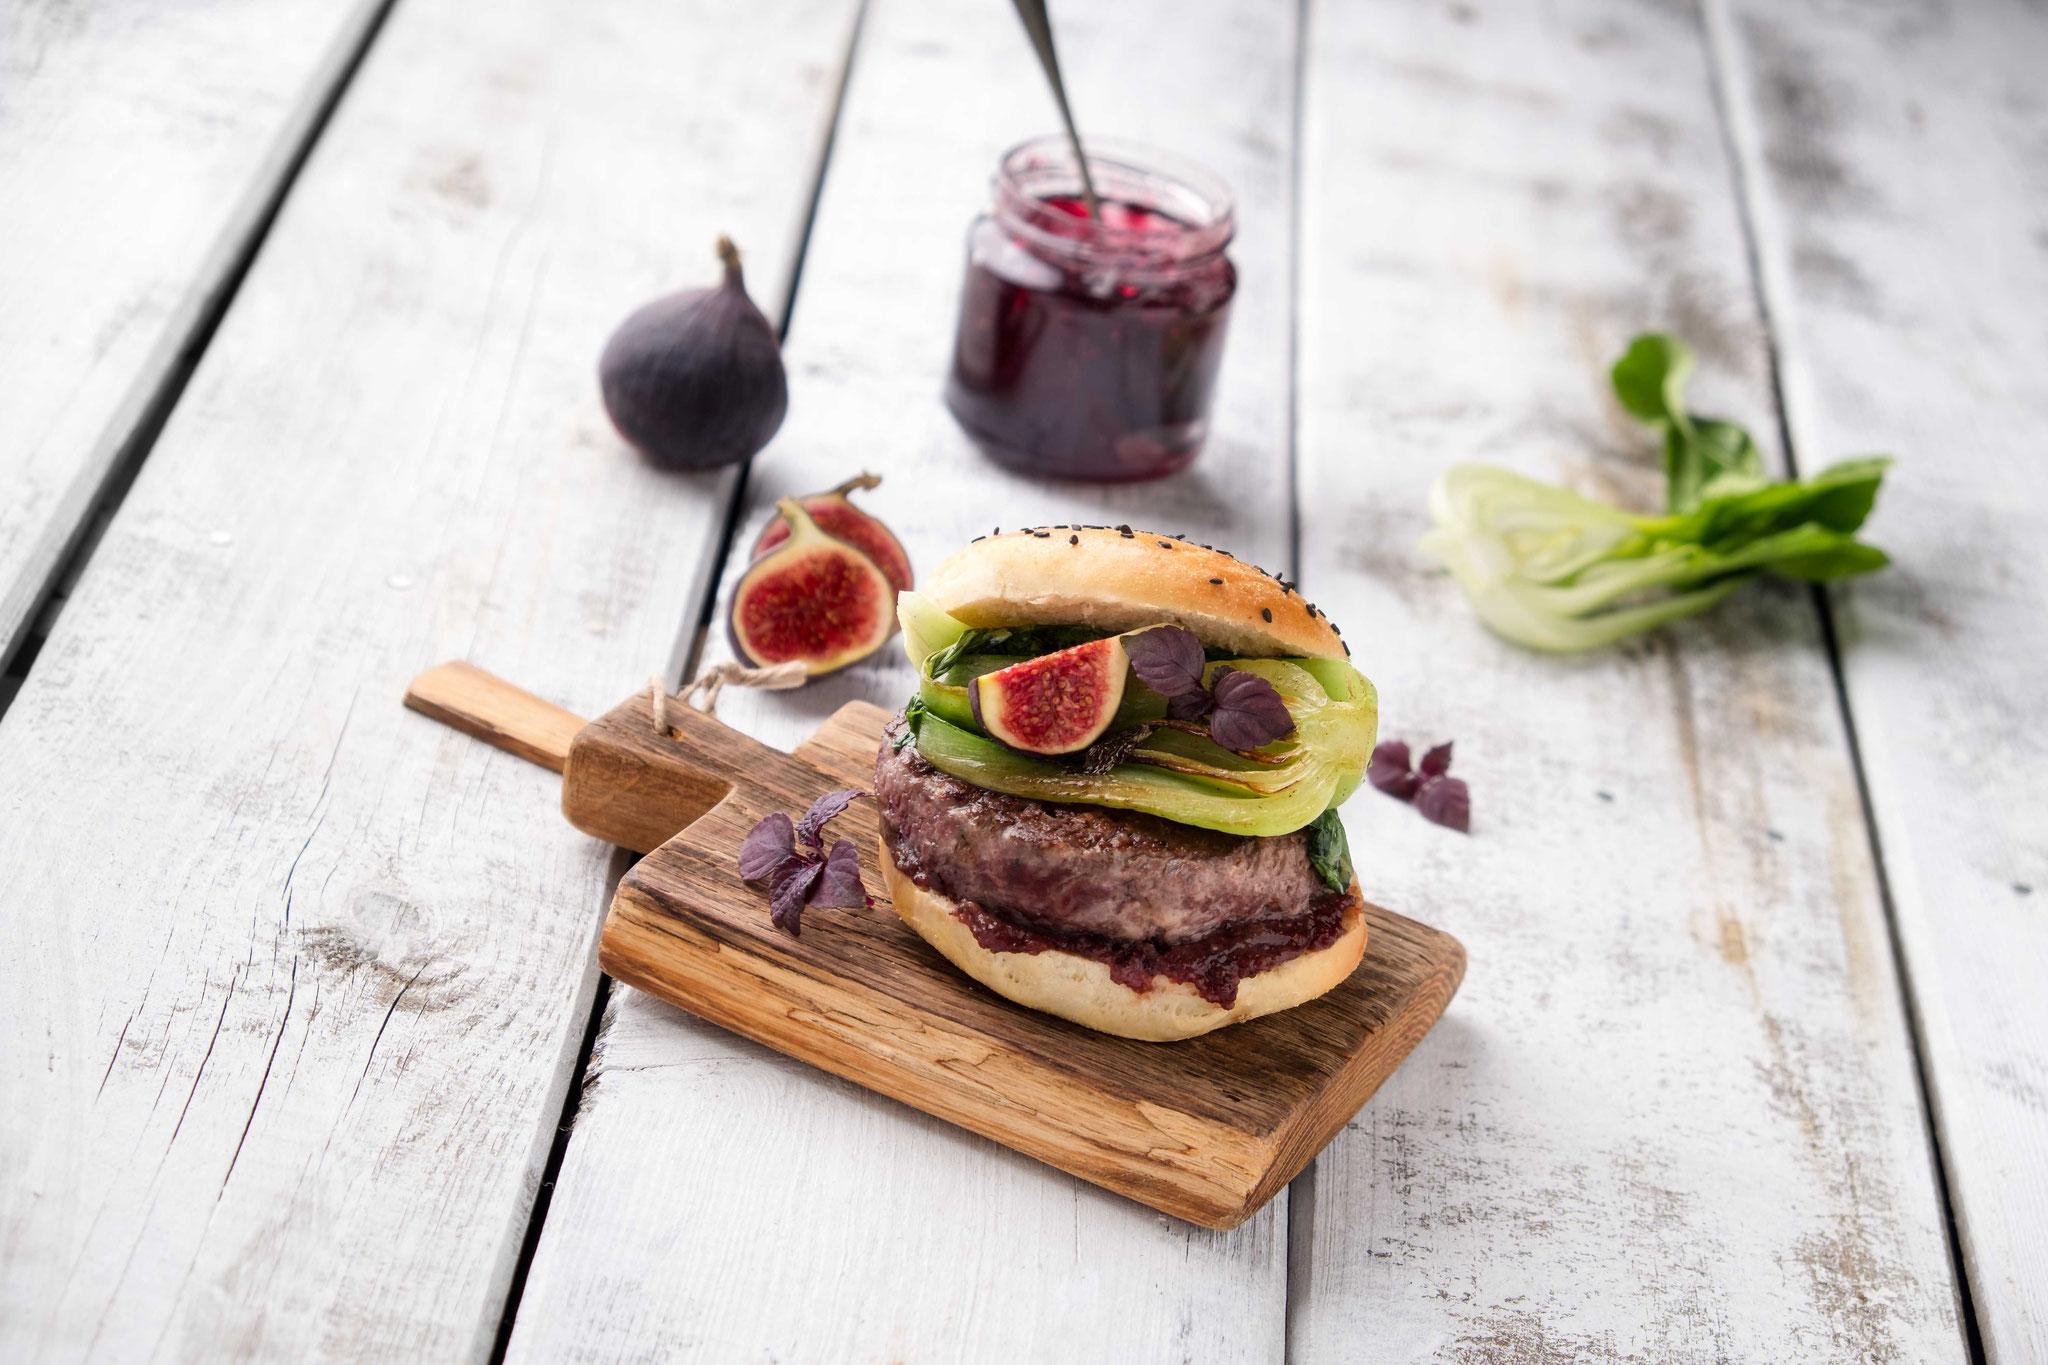 Food-Fotografie Burger - aufgenommen beim Workshop